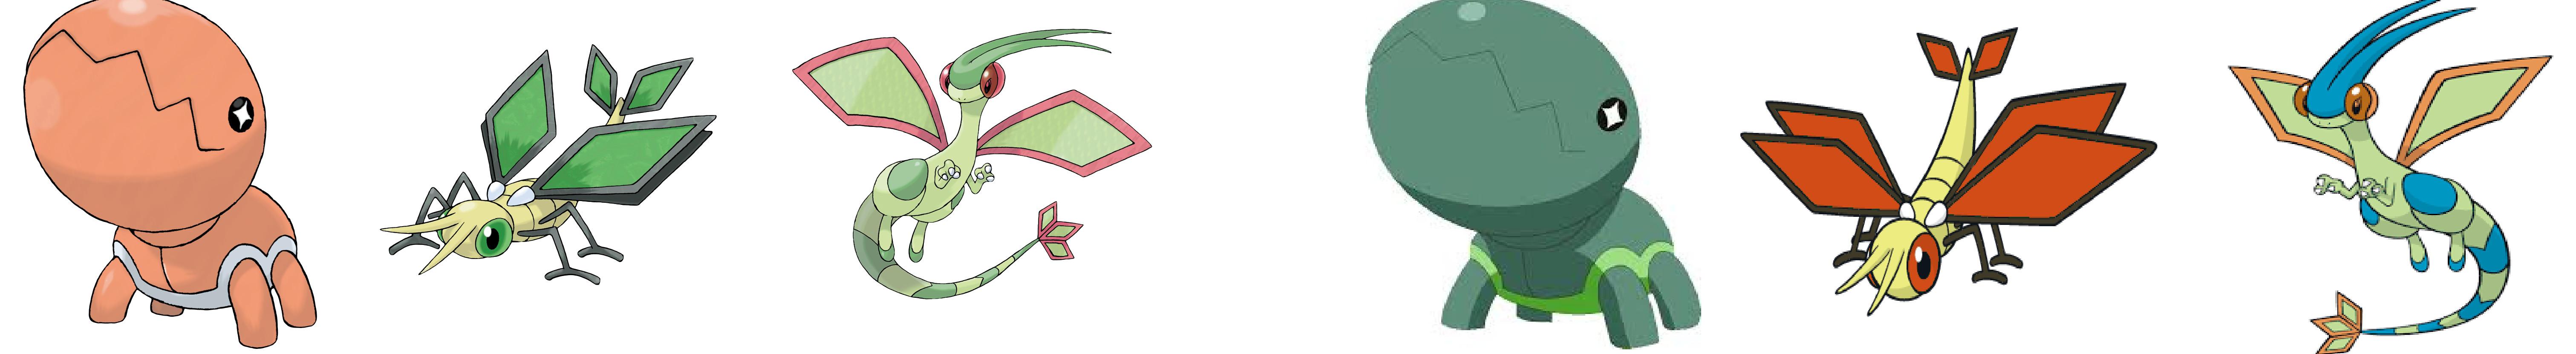 بوكيمون الذهاب جديد لامعة بوكيمون أكتوبر 5